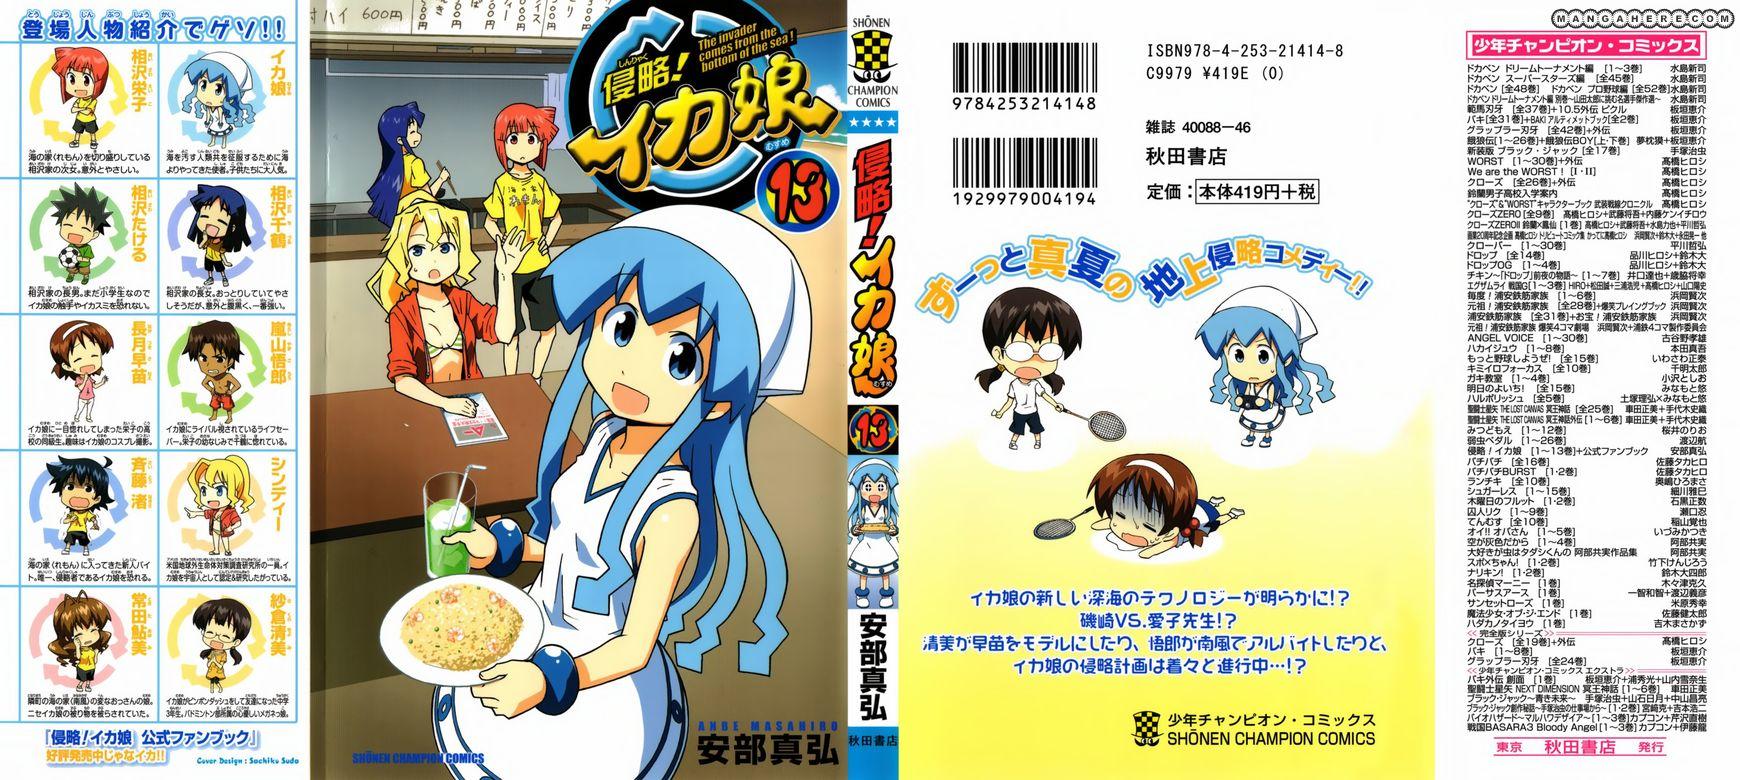 Shinryaku! Ika Musume 229 Page 1